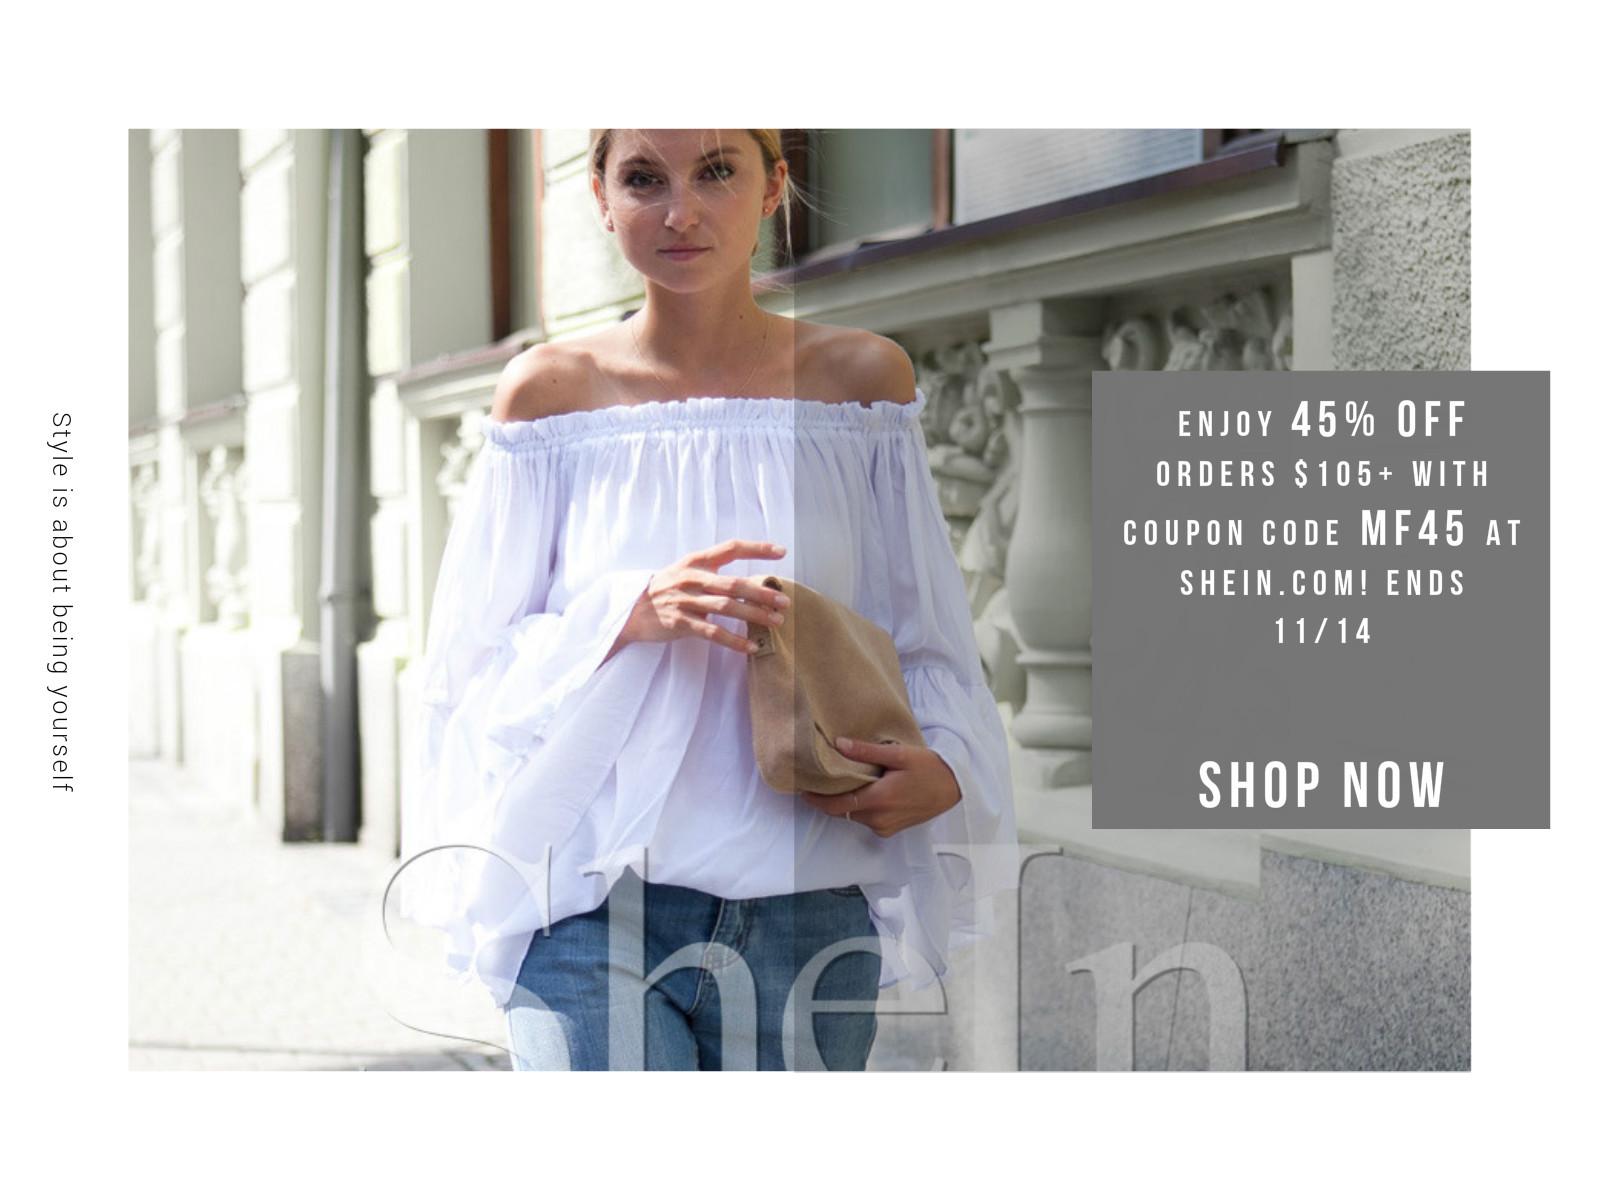 coupon-code-mf45-at-shein